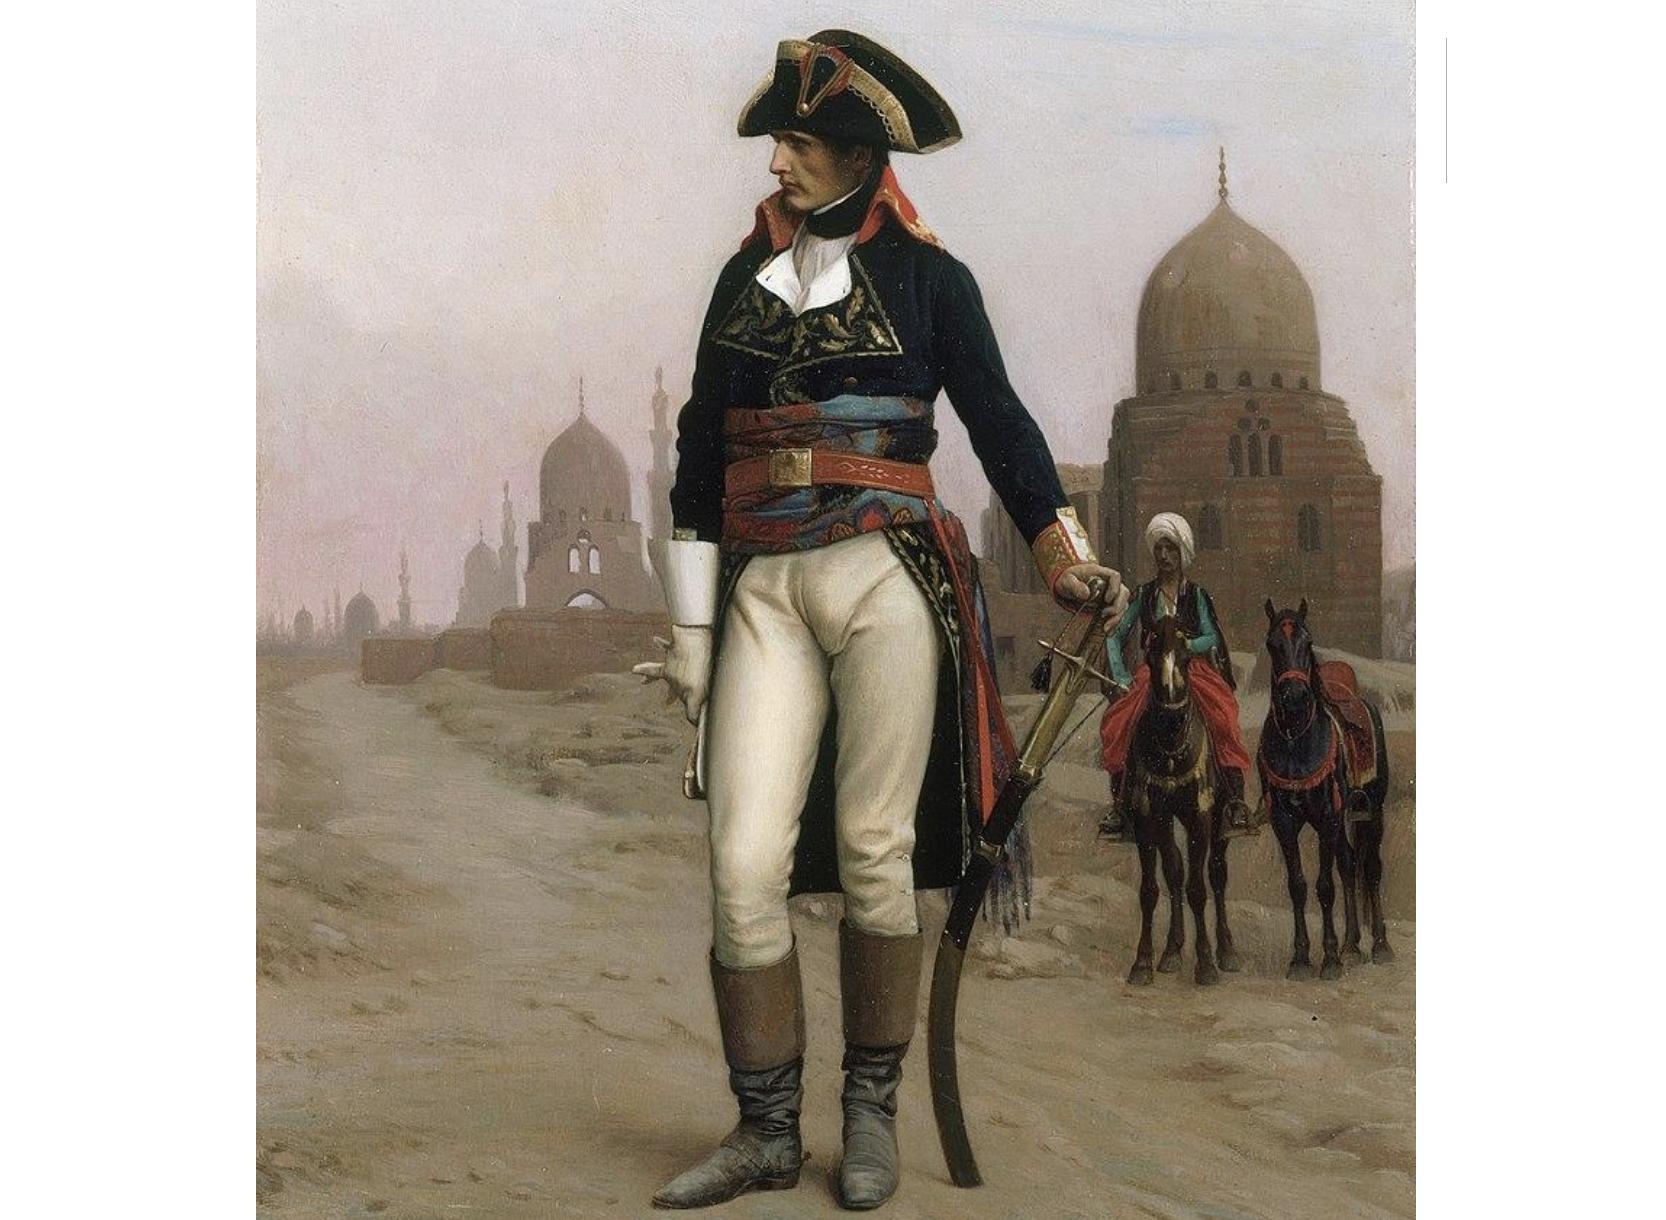 حملة نابليون وحروب أمريكا